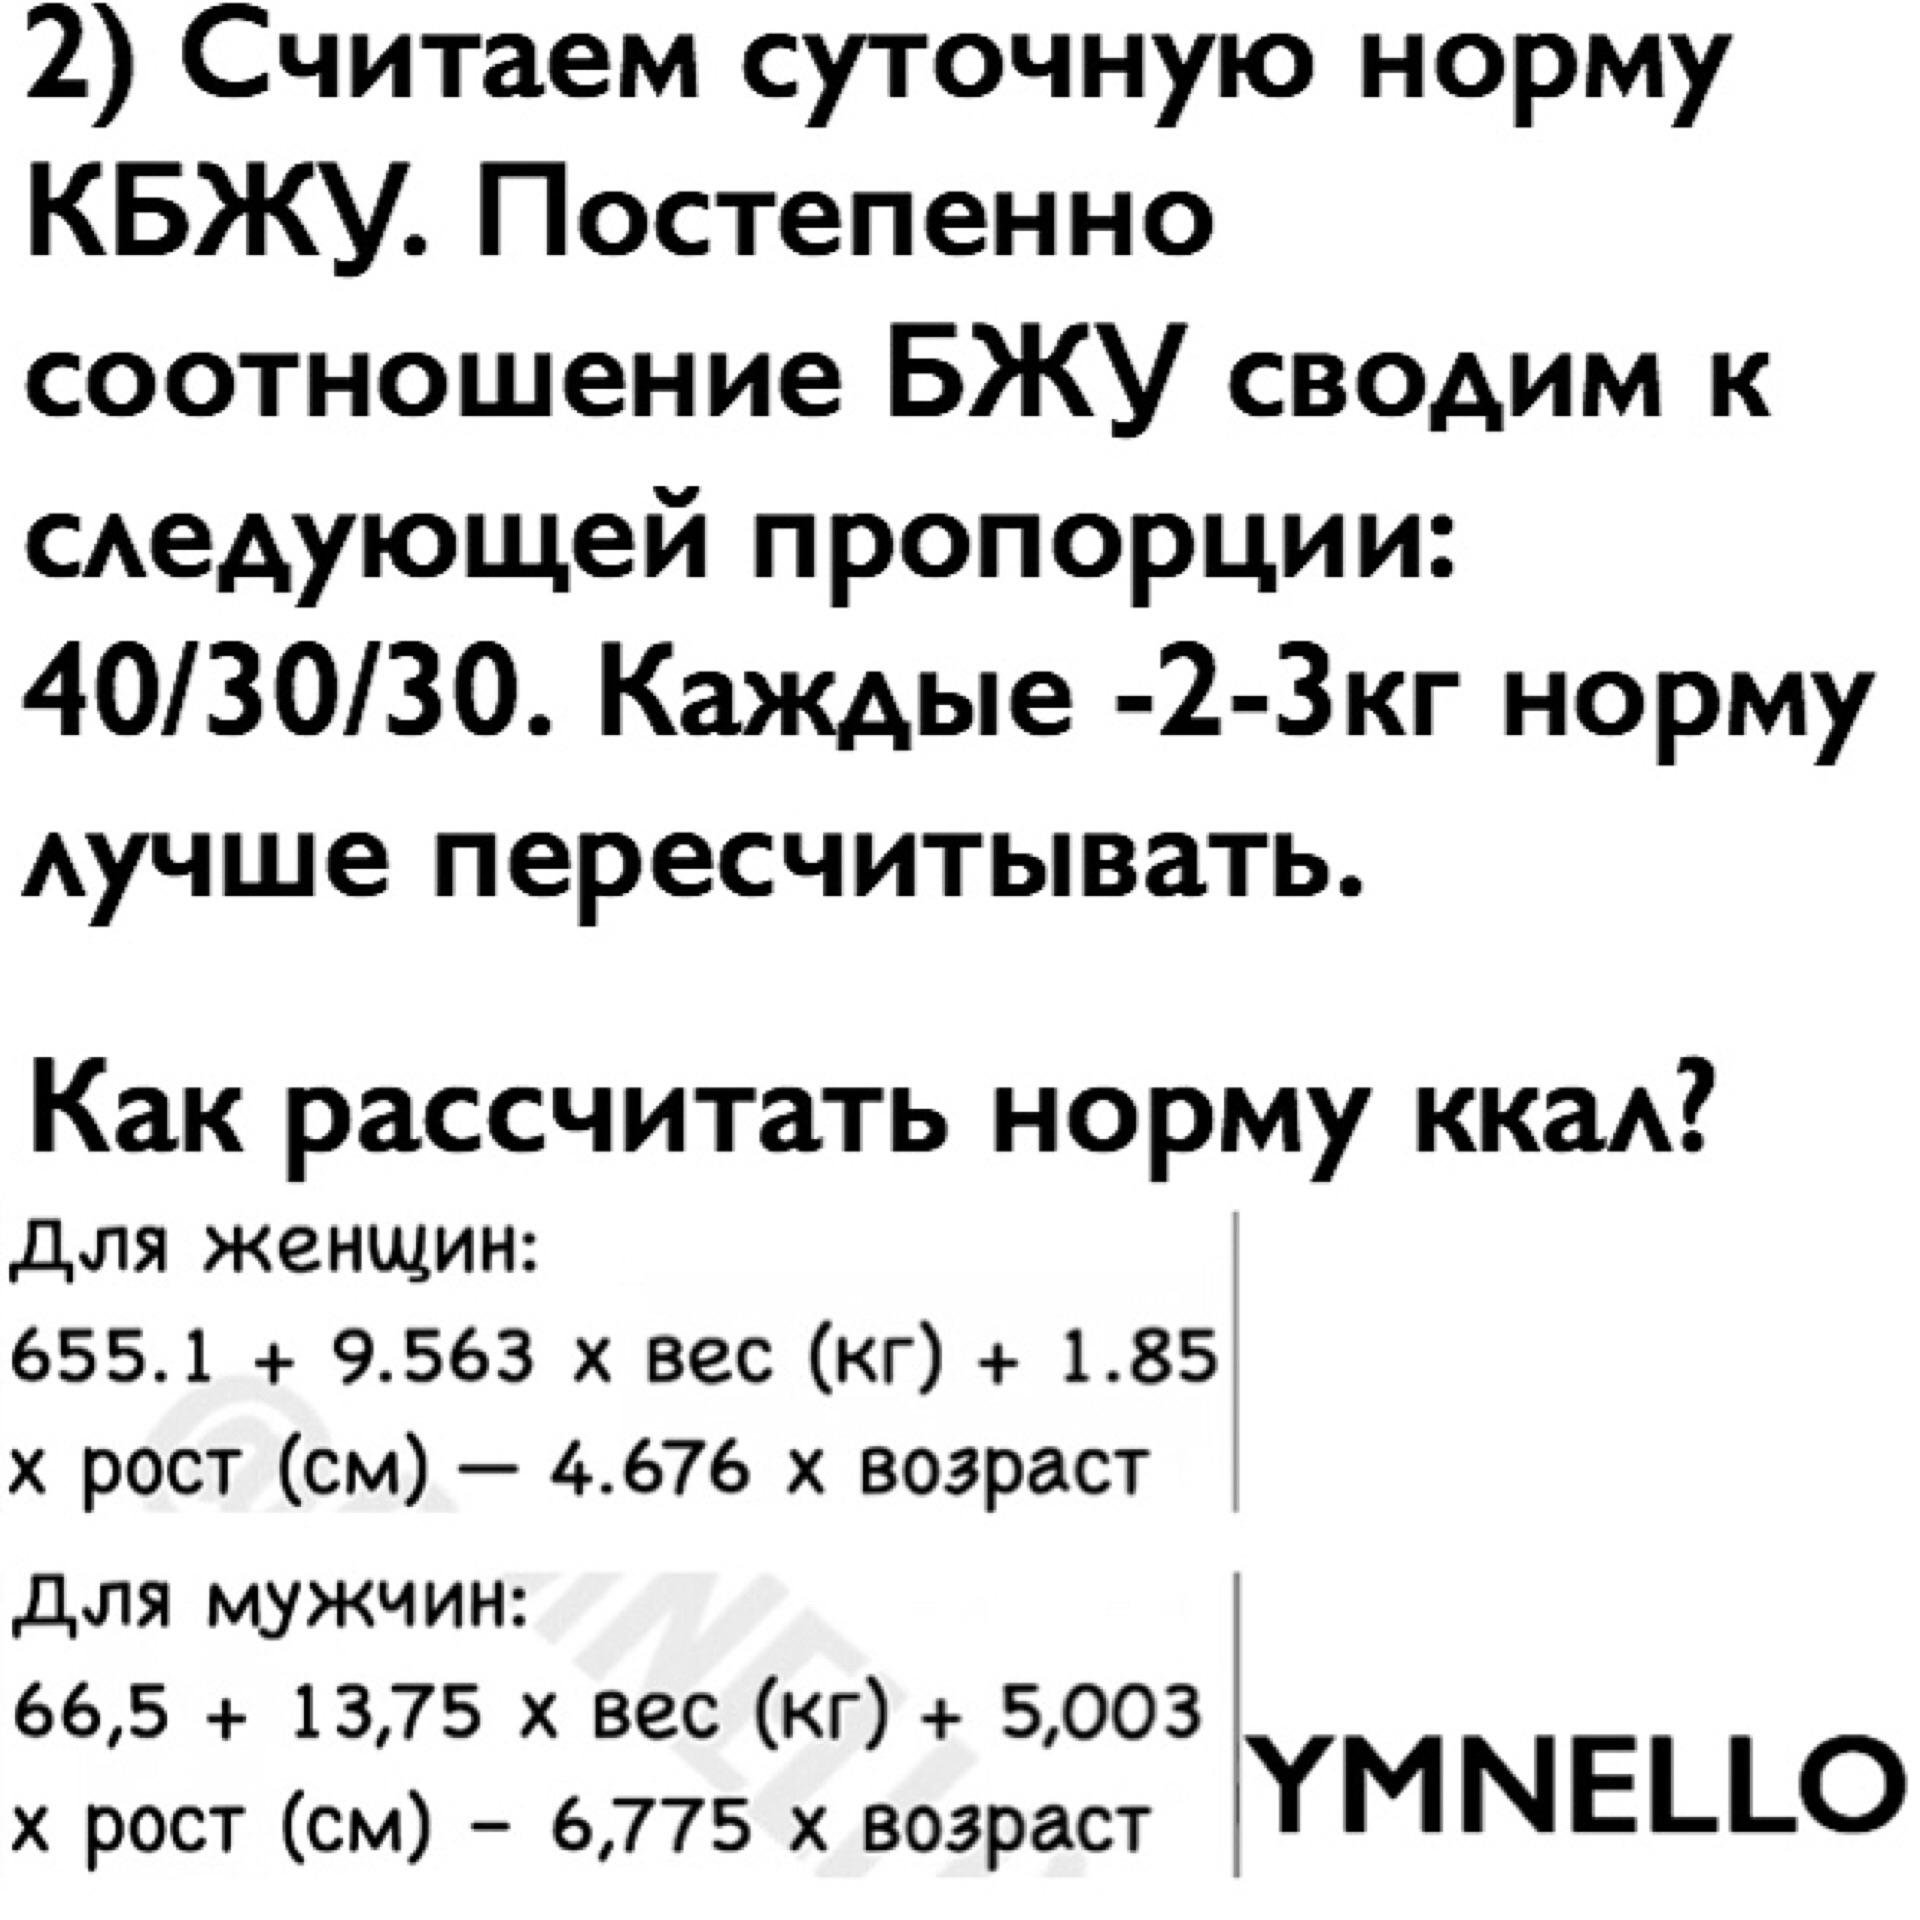 Расчет Кжбу Для Похудения Калькулятор. Расчет КБЖУ: калькулятор нормы калорий, белков, жиров и углеводов